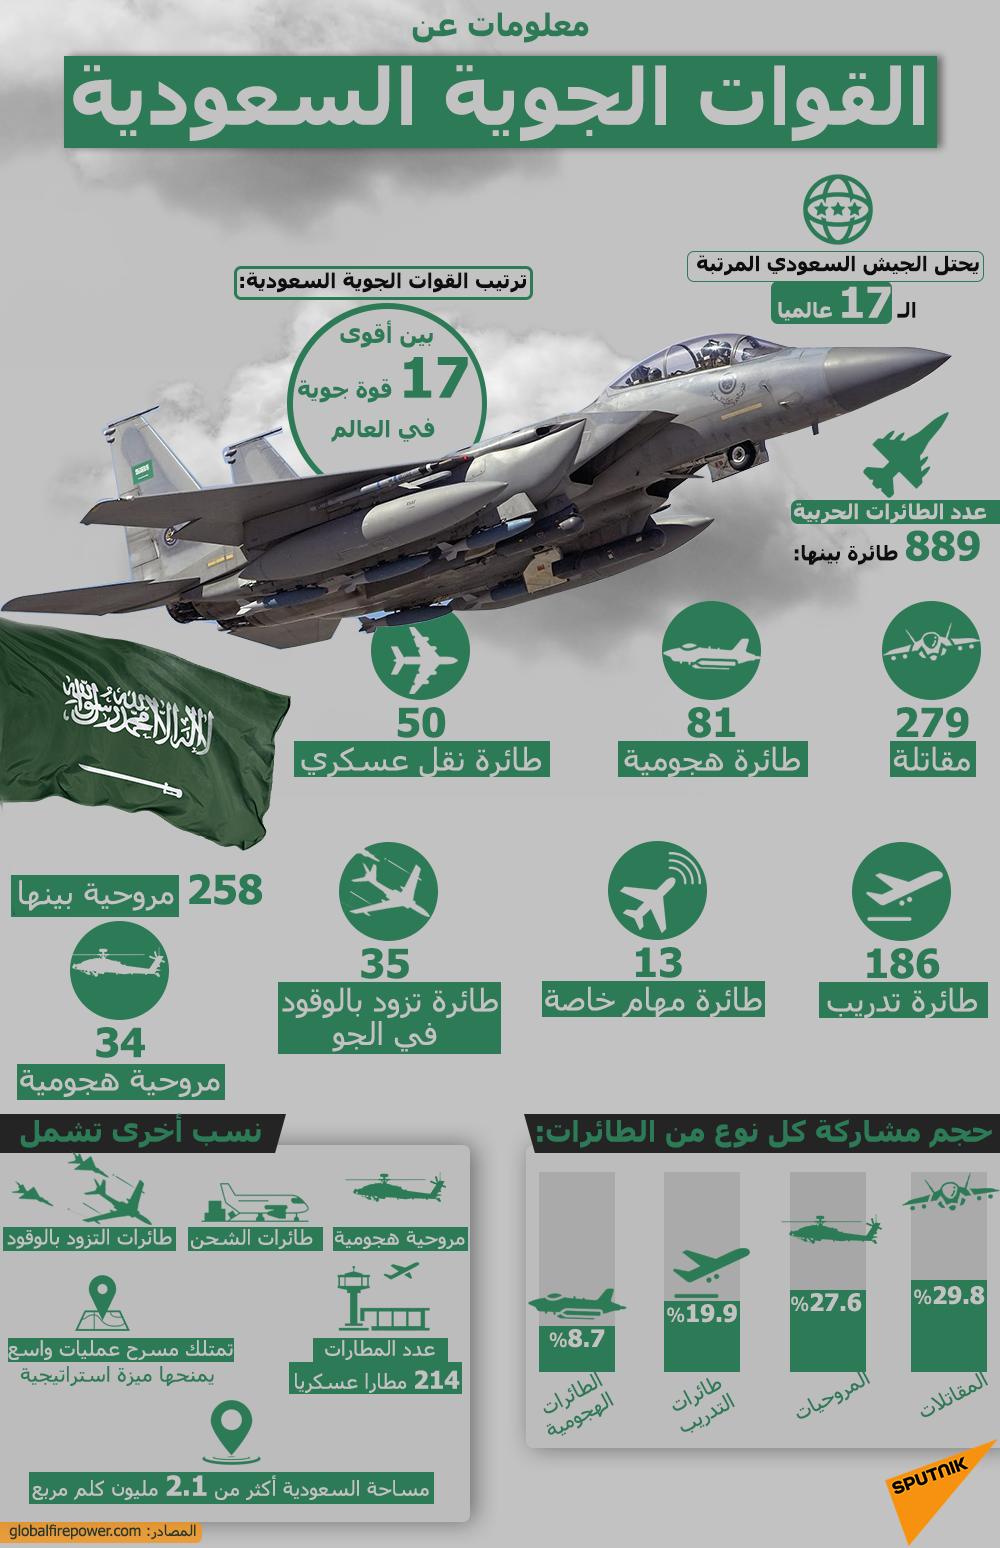 معلومات عن القوات الجوية السعودية